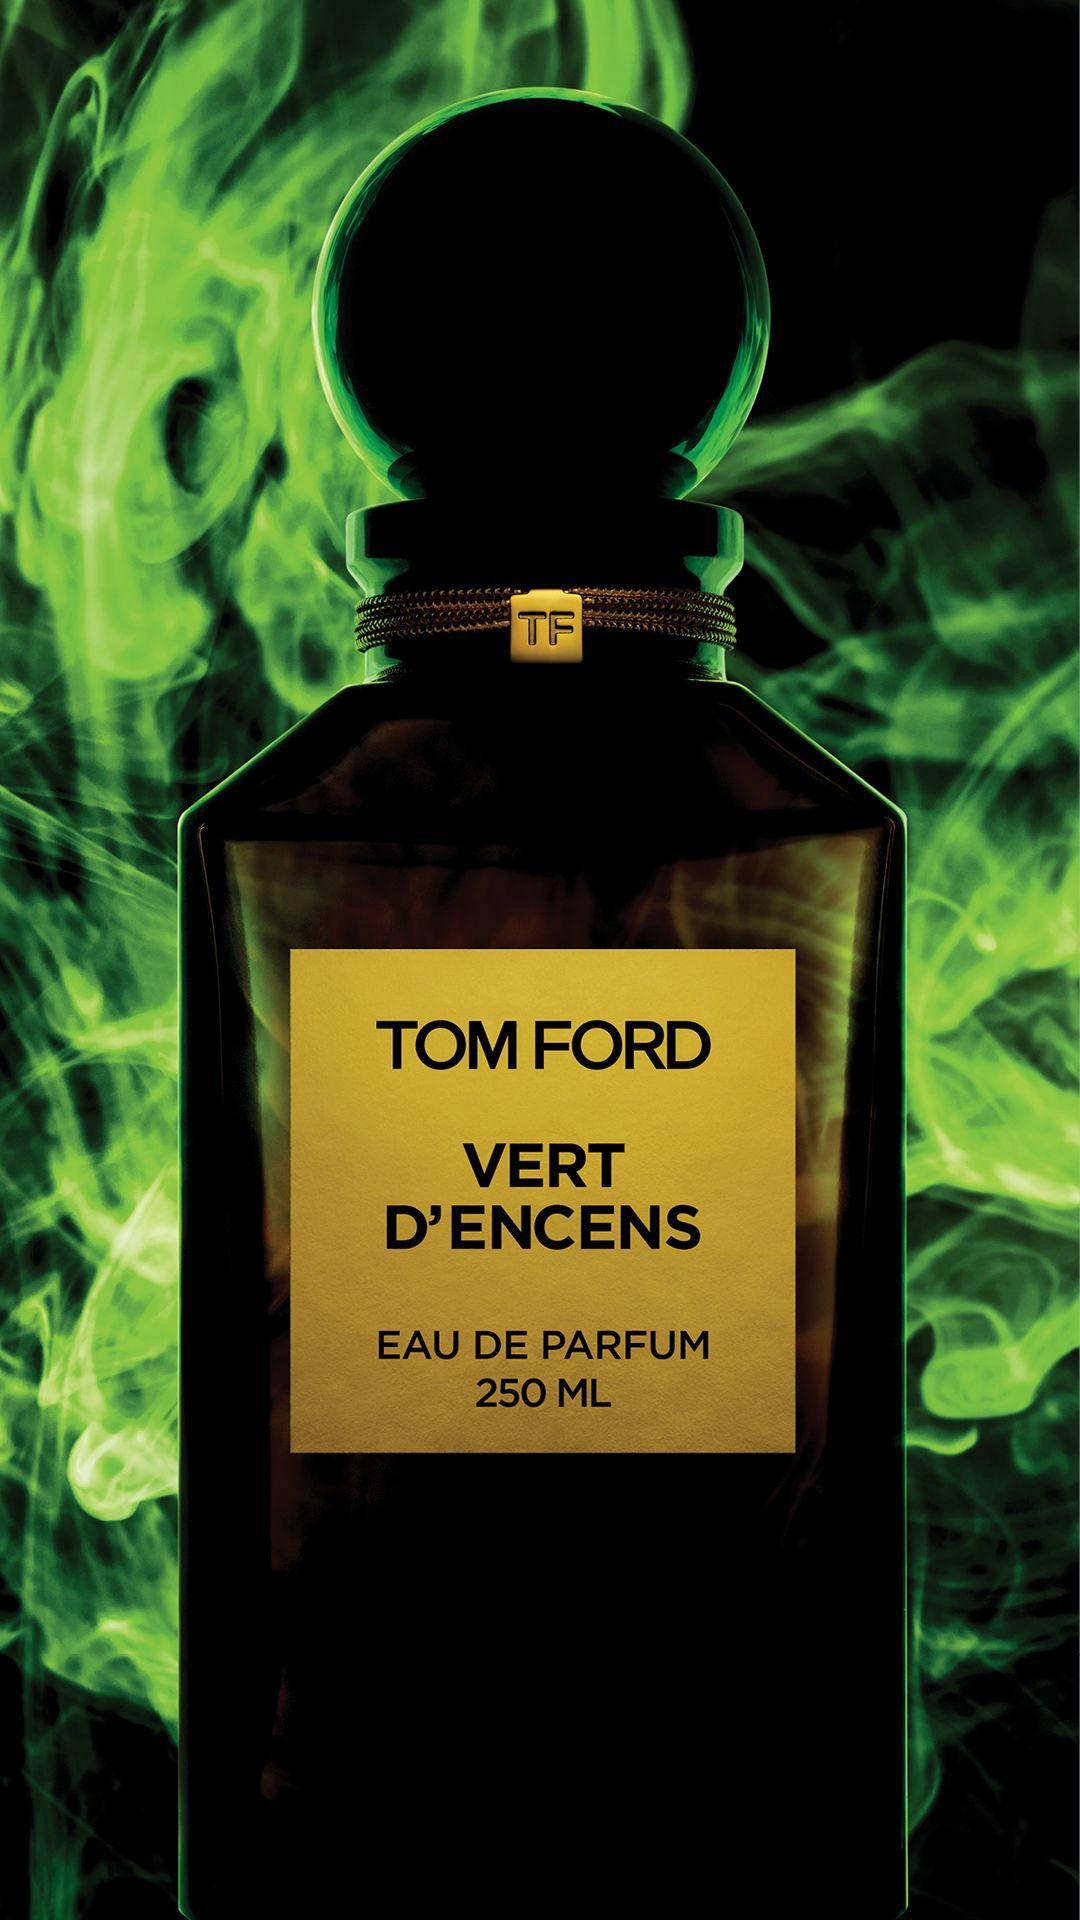 عطر VERT D'ENCENS من Tom Ford